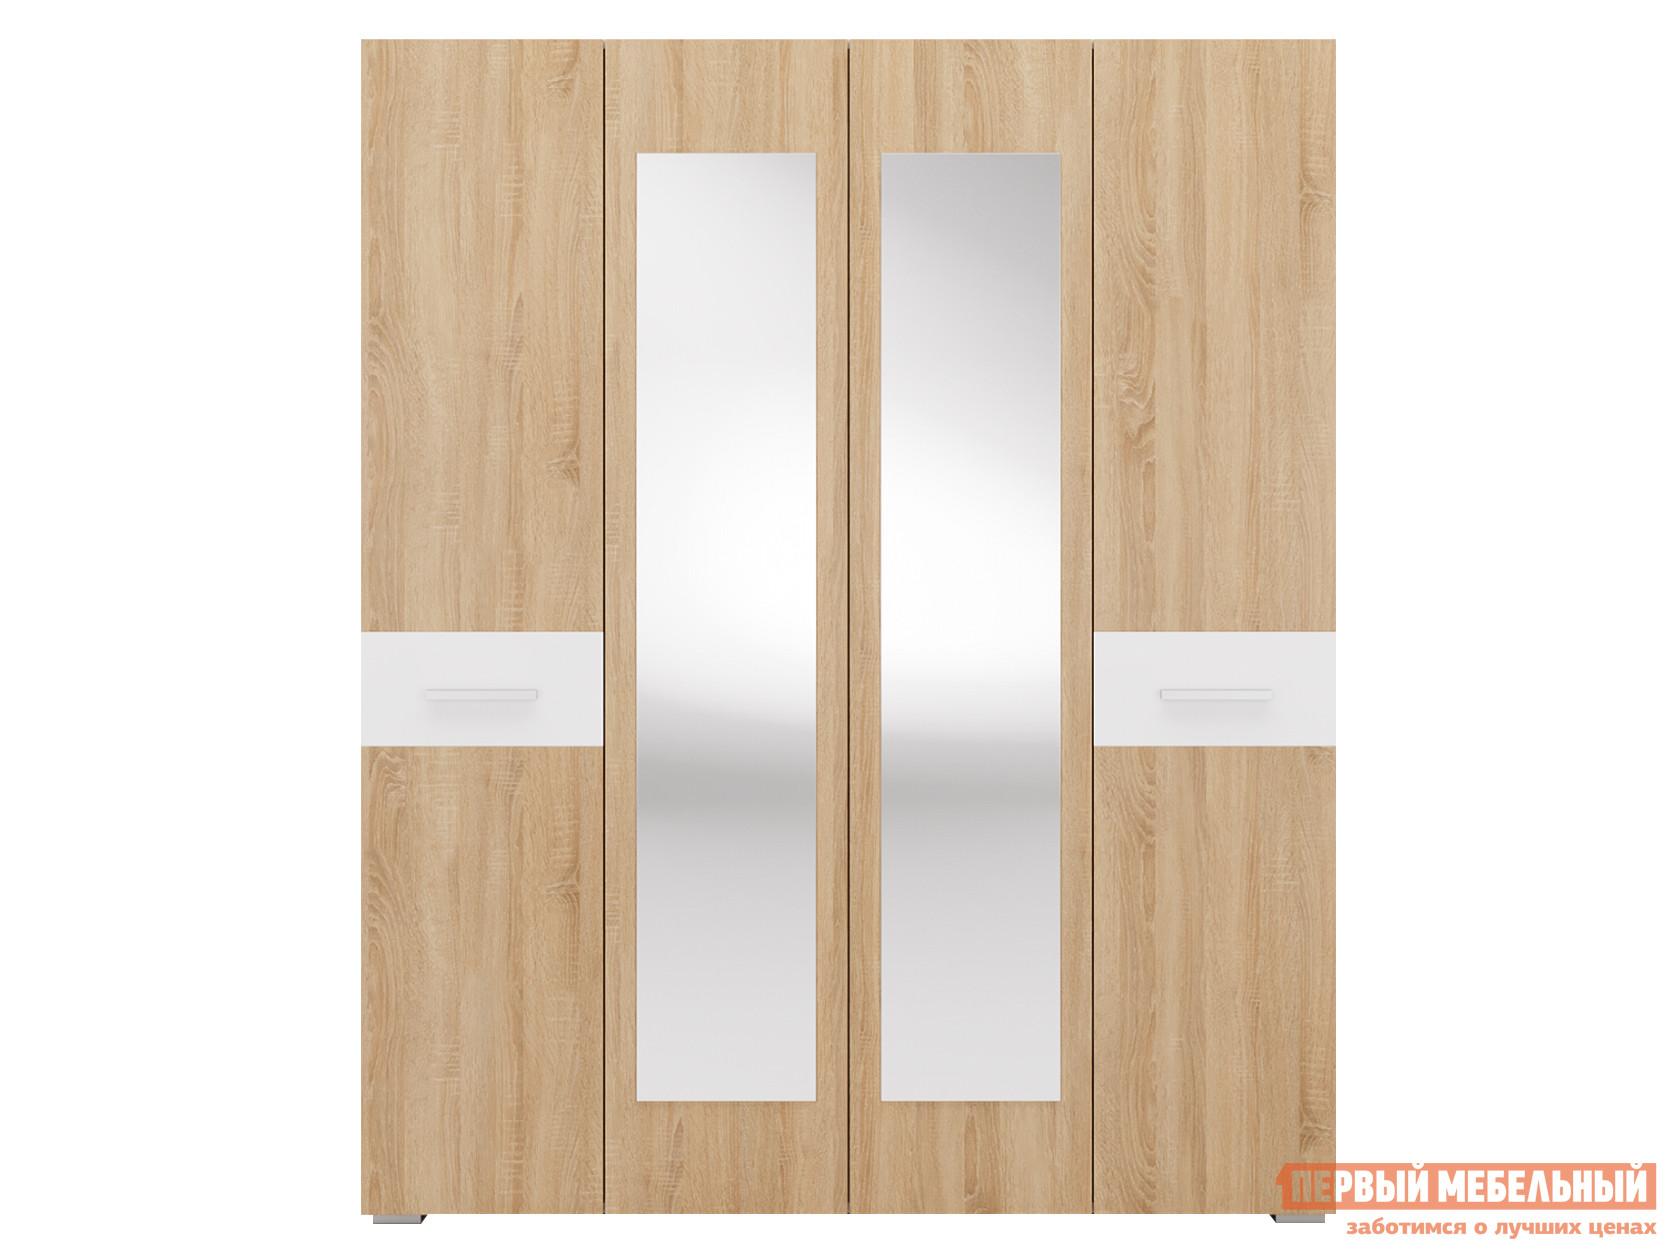 Шкаф распашной Первый Мебельный Даллас 4 распашной шкаф первый мебельный тоскана 4